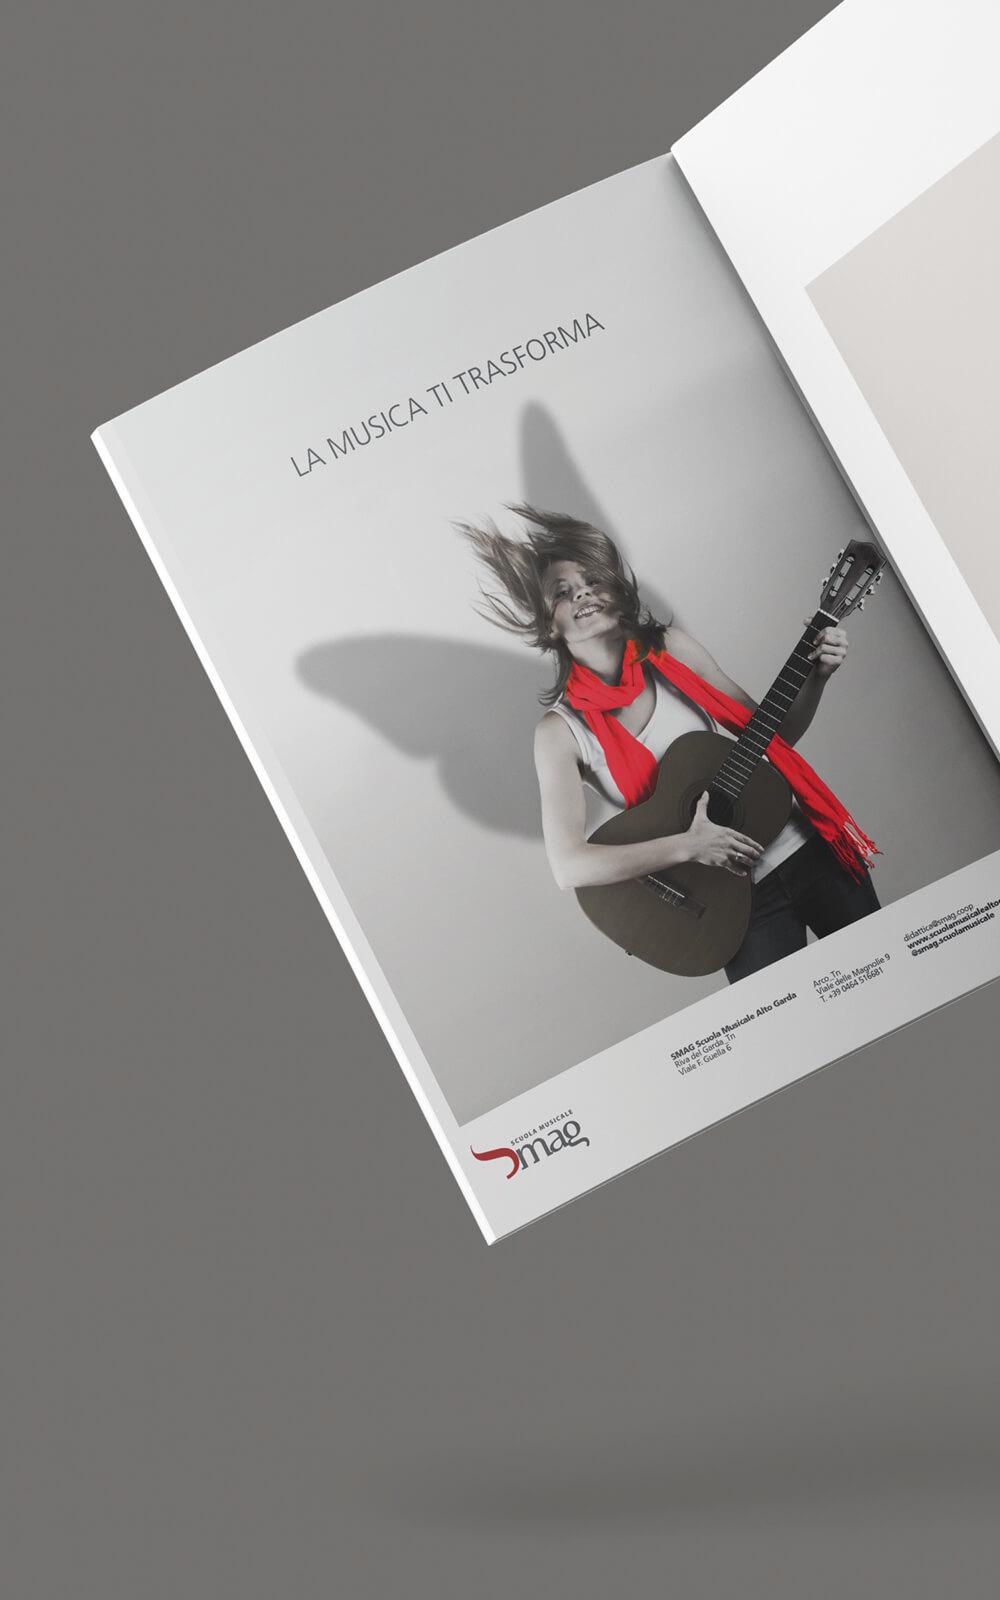 annuncio stampa creato per smag scuola musicale in occasioen dell'inaugurazione nuova sede, progettato dallo studio grafico diade arco trento